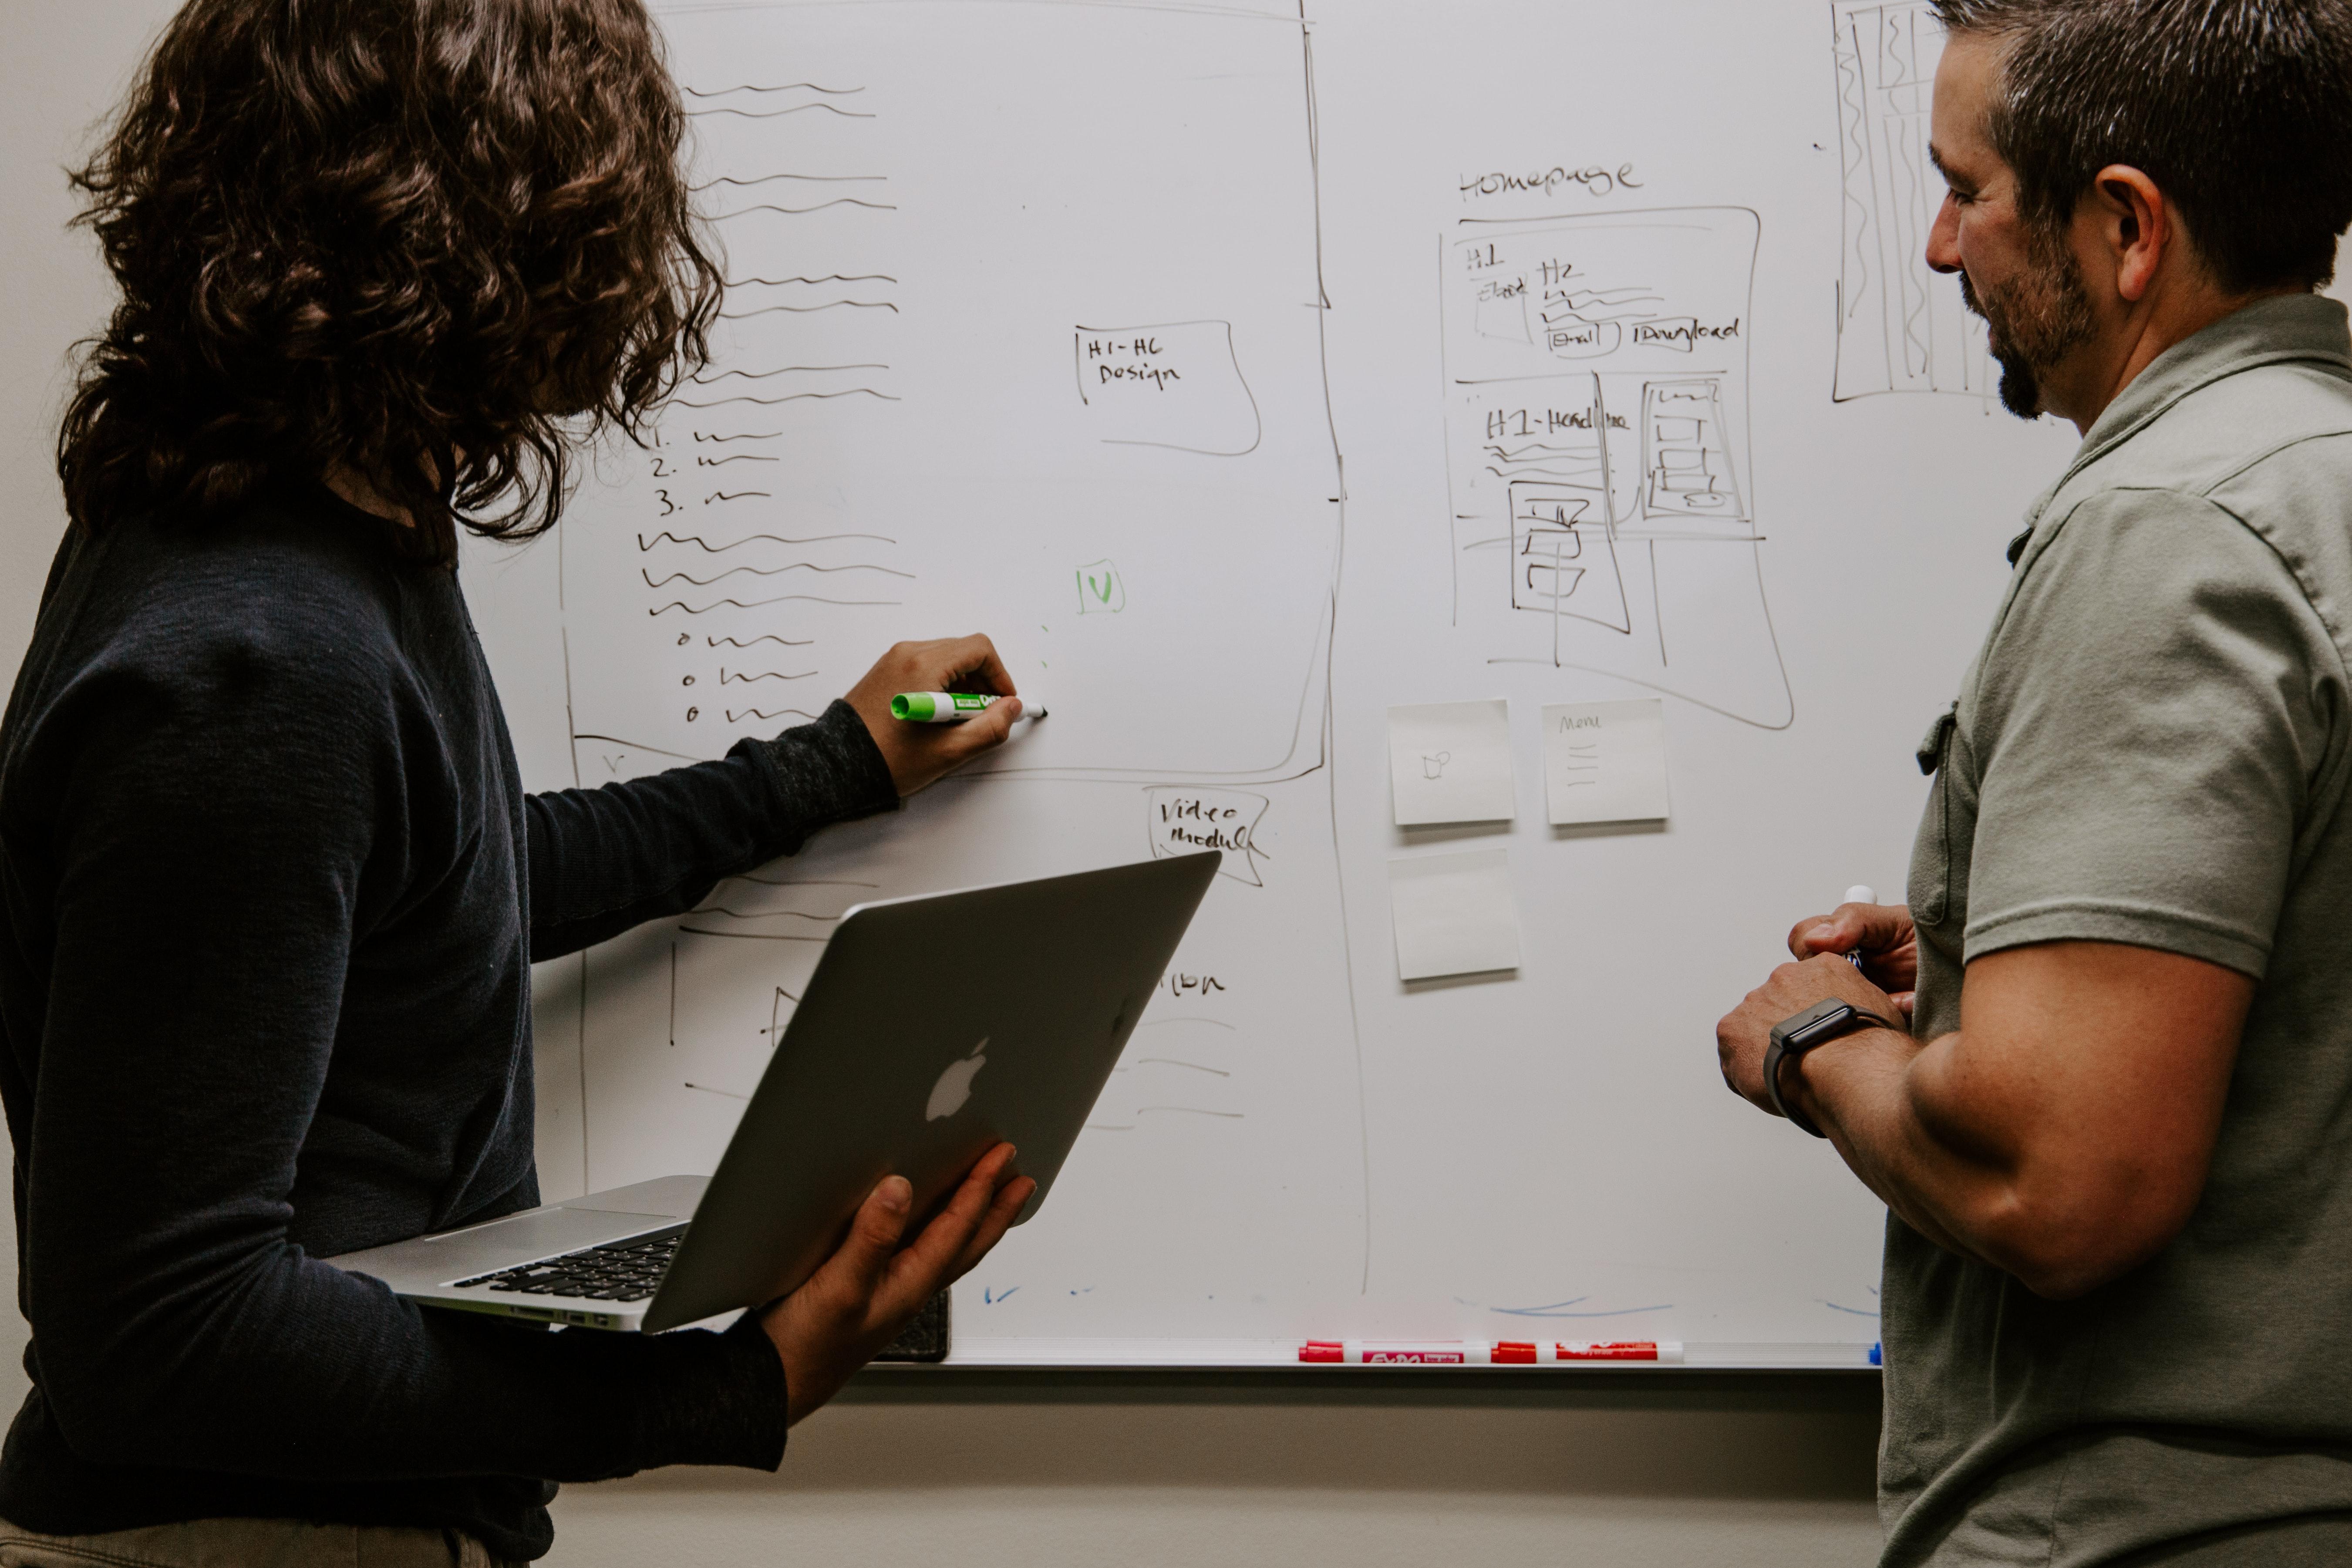 développement informatique python data science consulting paris cloud & data